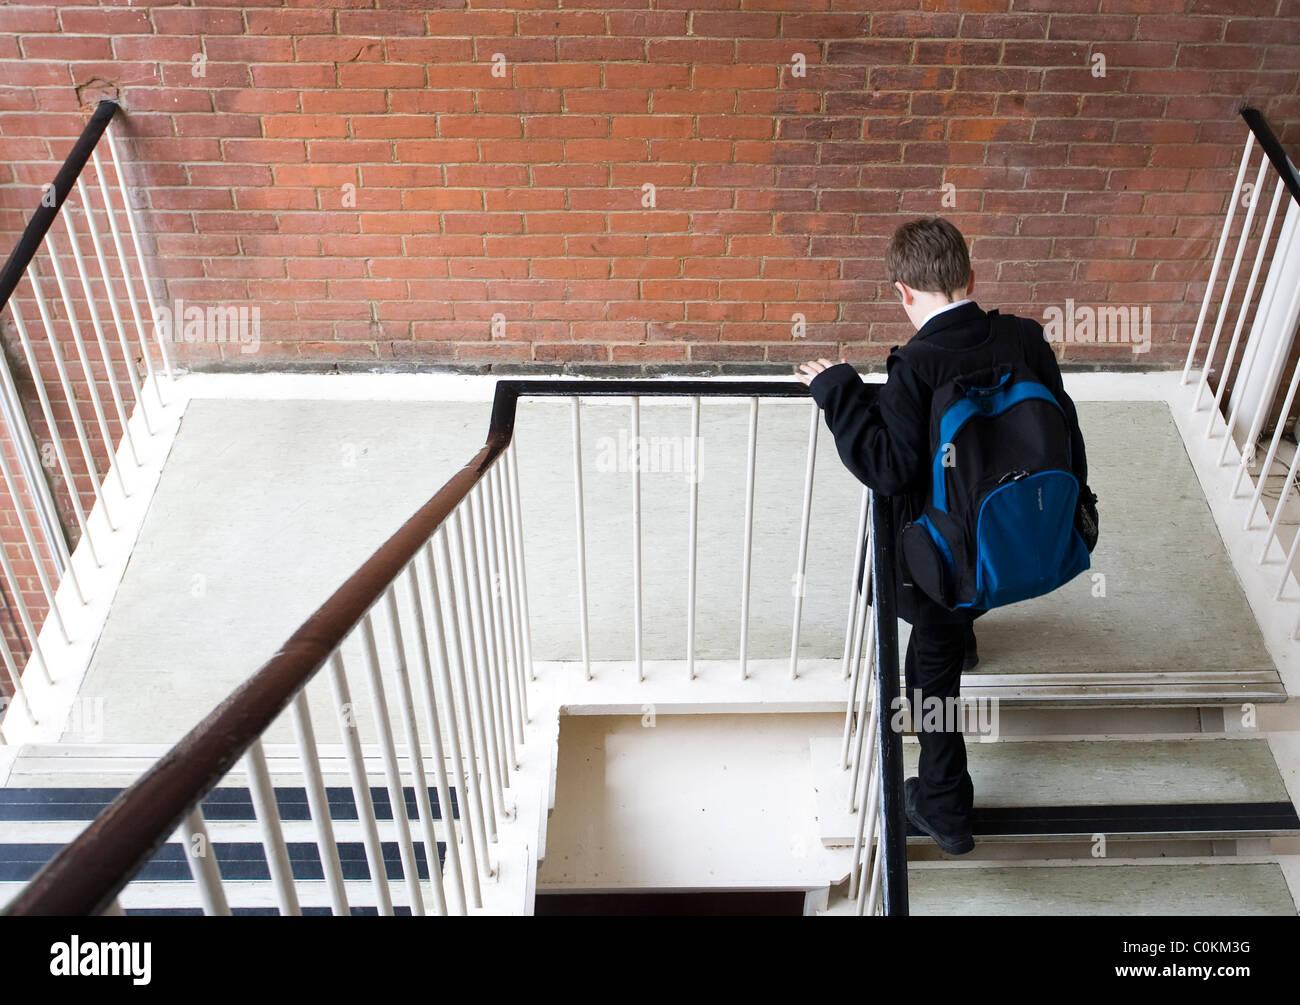 Schülerinnen und Schüler Treppen Maidstone Grammar School in Maidstone, Kent, Großbritannien Stockbild